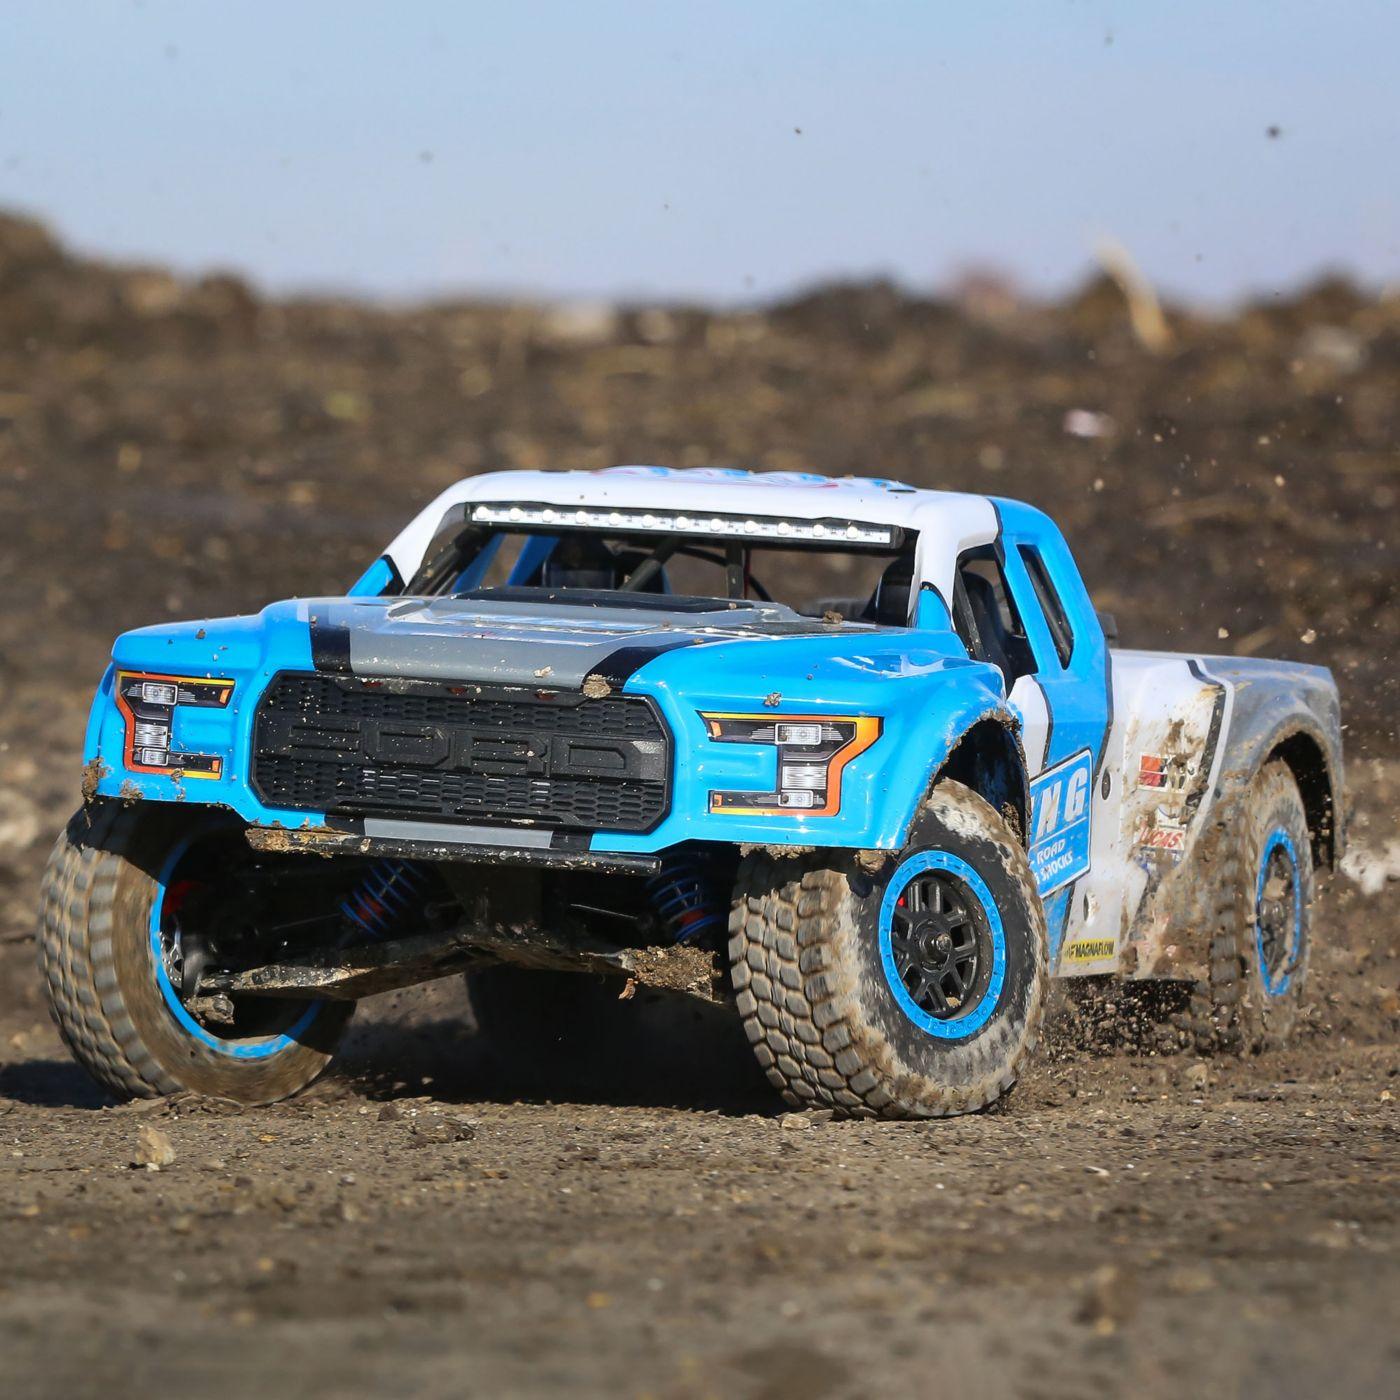 Losi Ford Raptor Baja Desert brushless King rtr 2